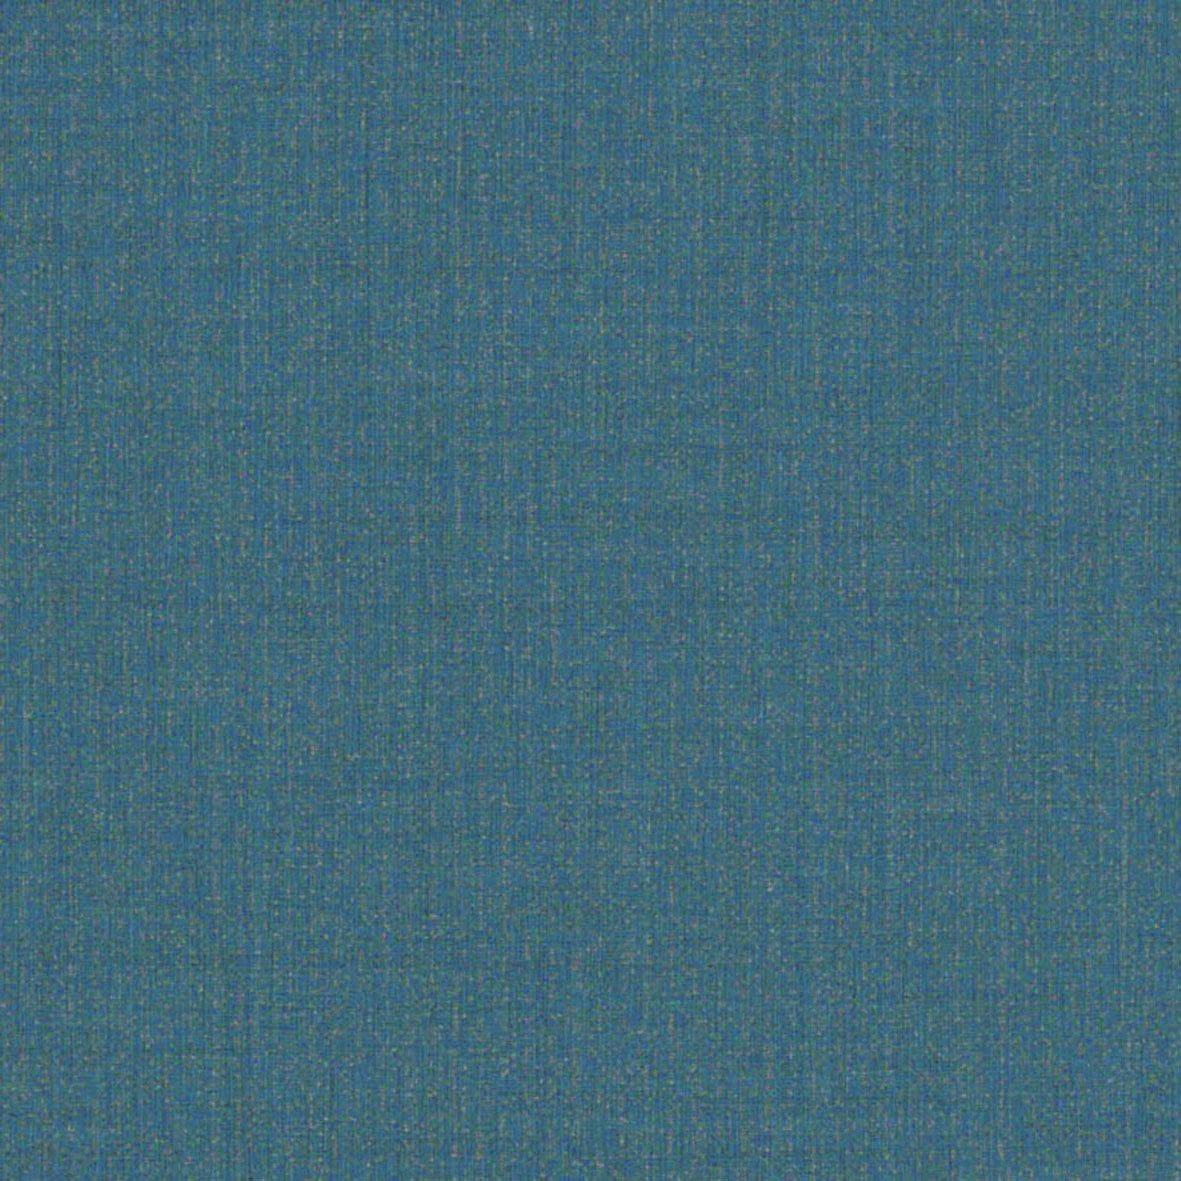 リリカラ 壁紙26m ナチュラル 織物調 ブルー LL-8548 B01N0A9WRT 26m|ブルー